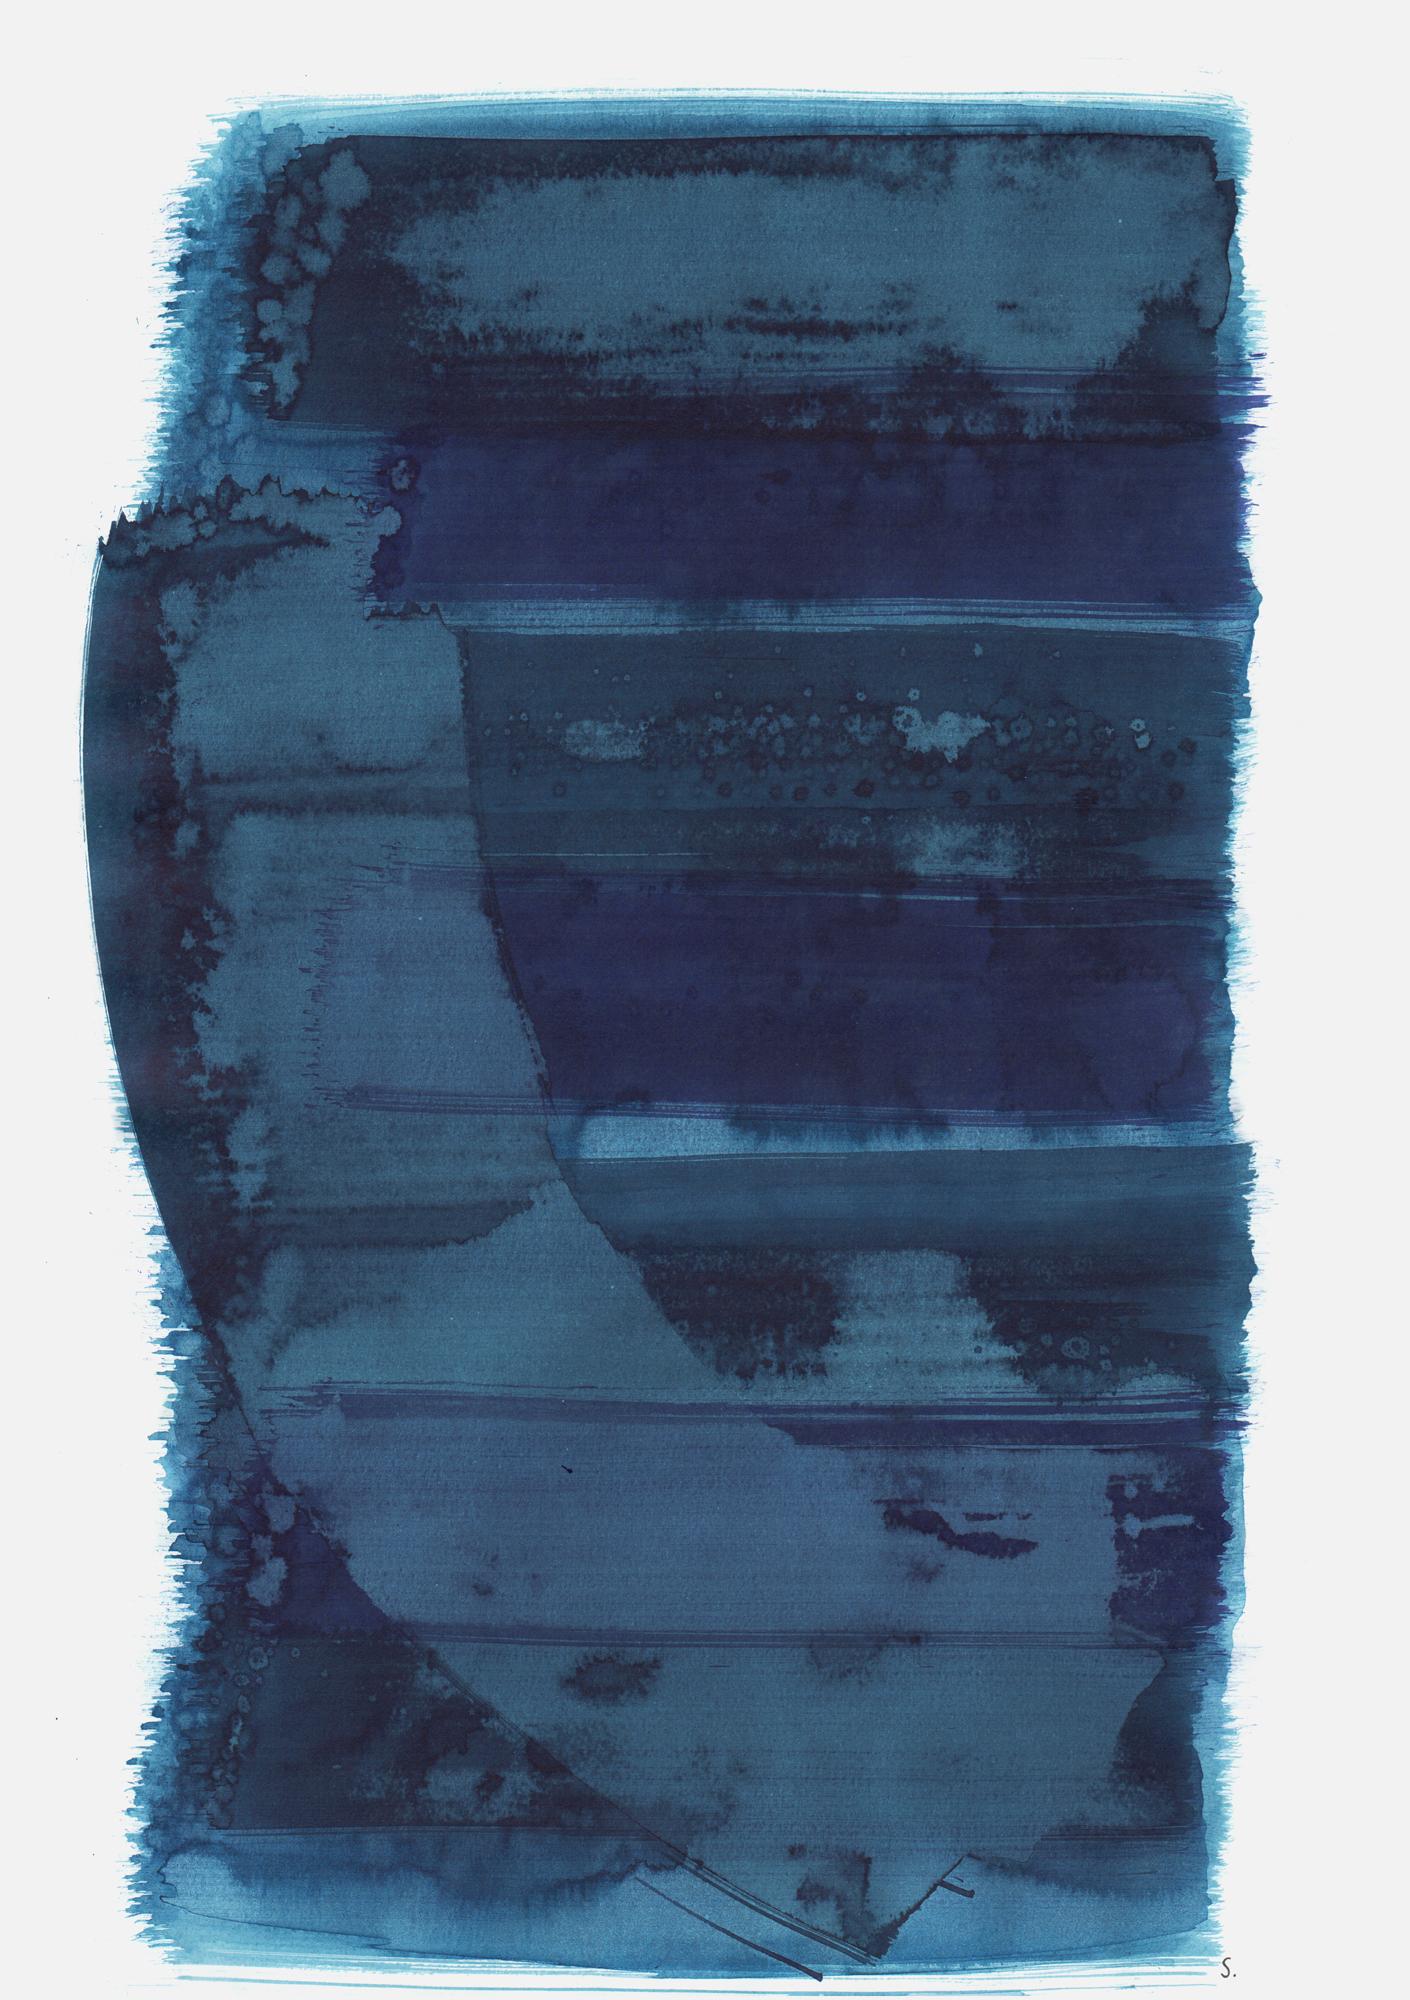 """""""An Lili Perlstein"""", 2019, Tusche auf Papier, 48 x 36cm; ©: Konstanze Sailer [Perlstein, Lili; * 13.09.1929 in Hamburg; deportiert aus Gelsenkirchen; † nach dem 02.03.1943 in Auschwitz]"""